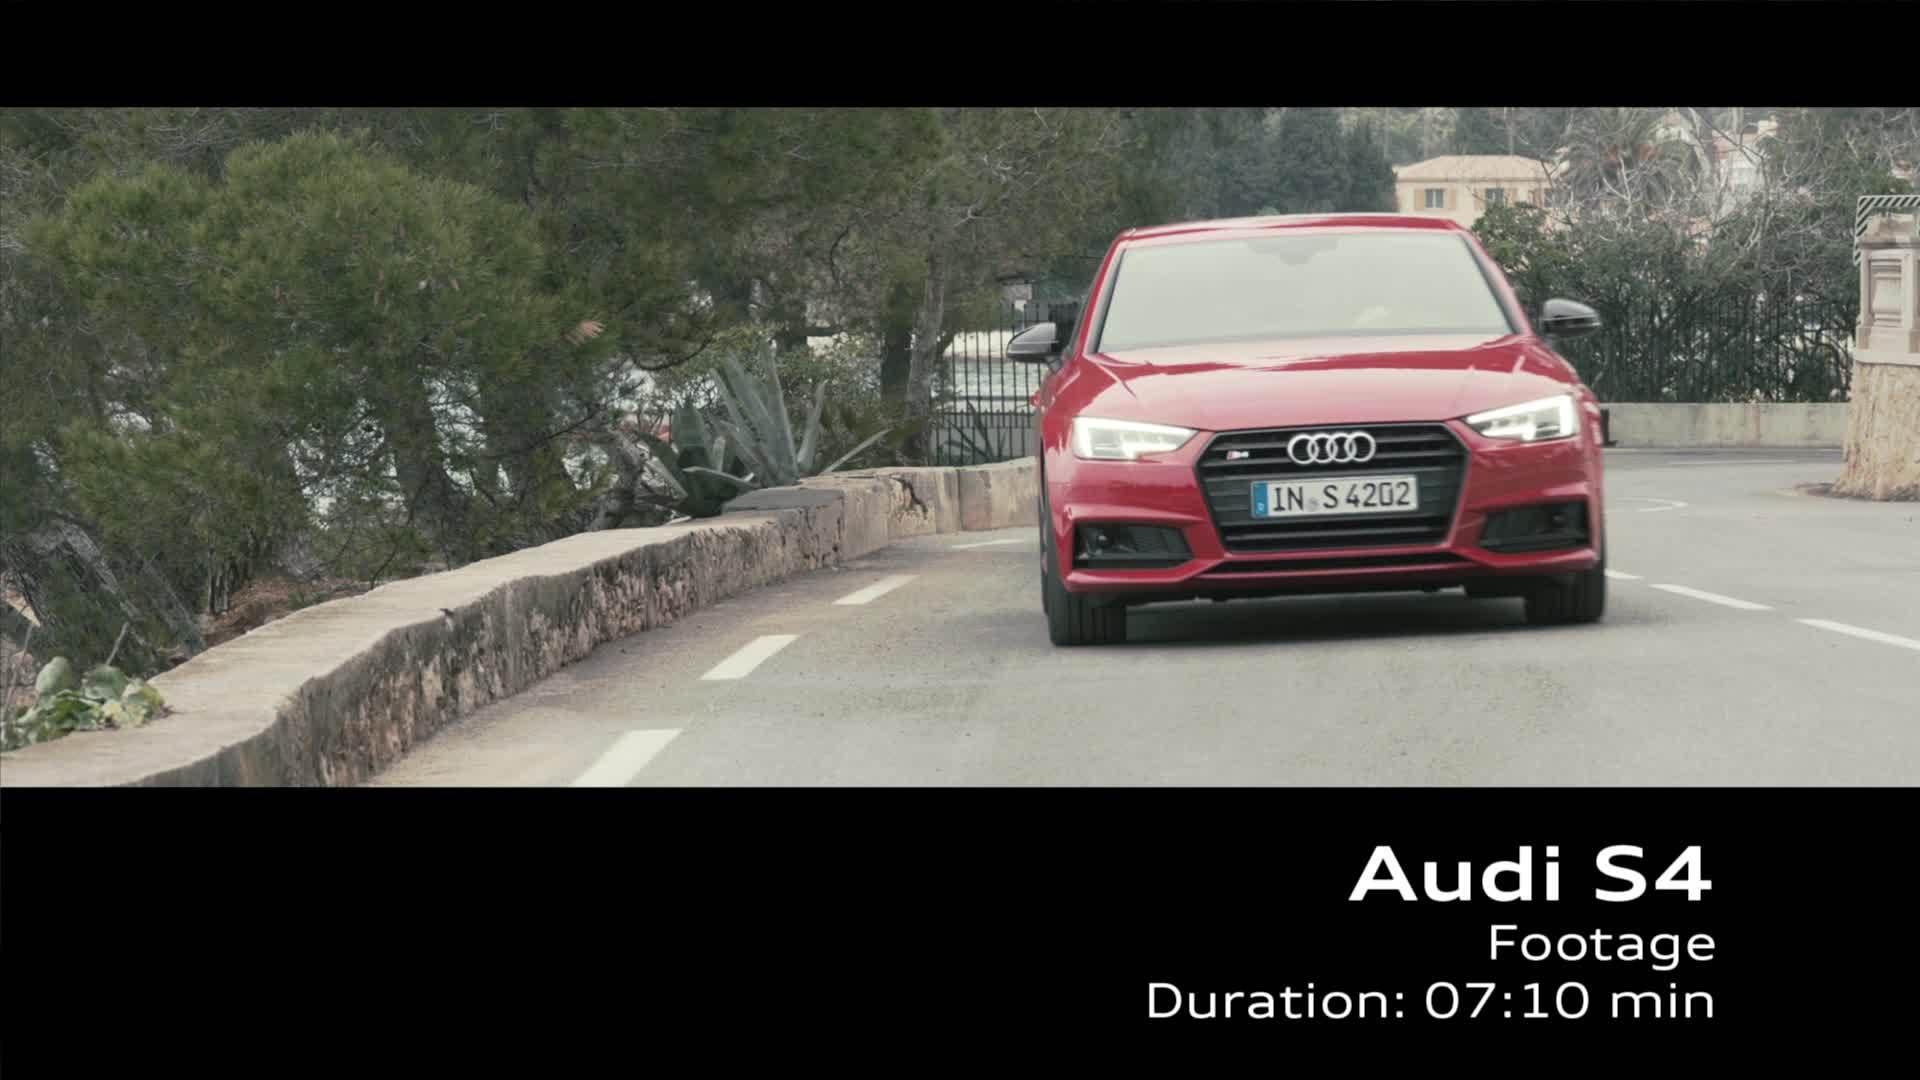 Audi S4 Limousine - Footage